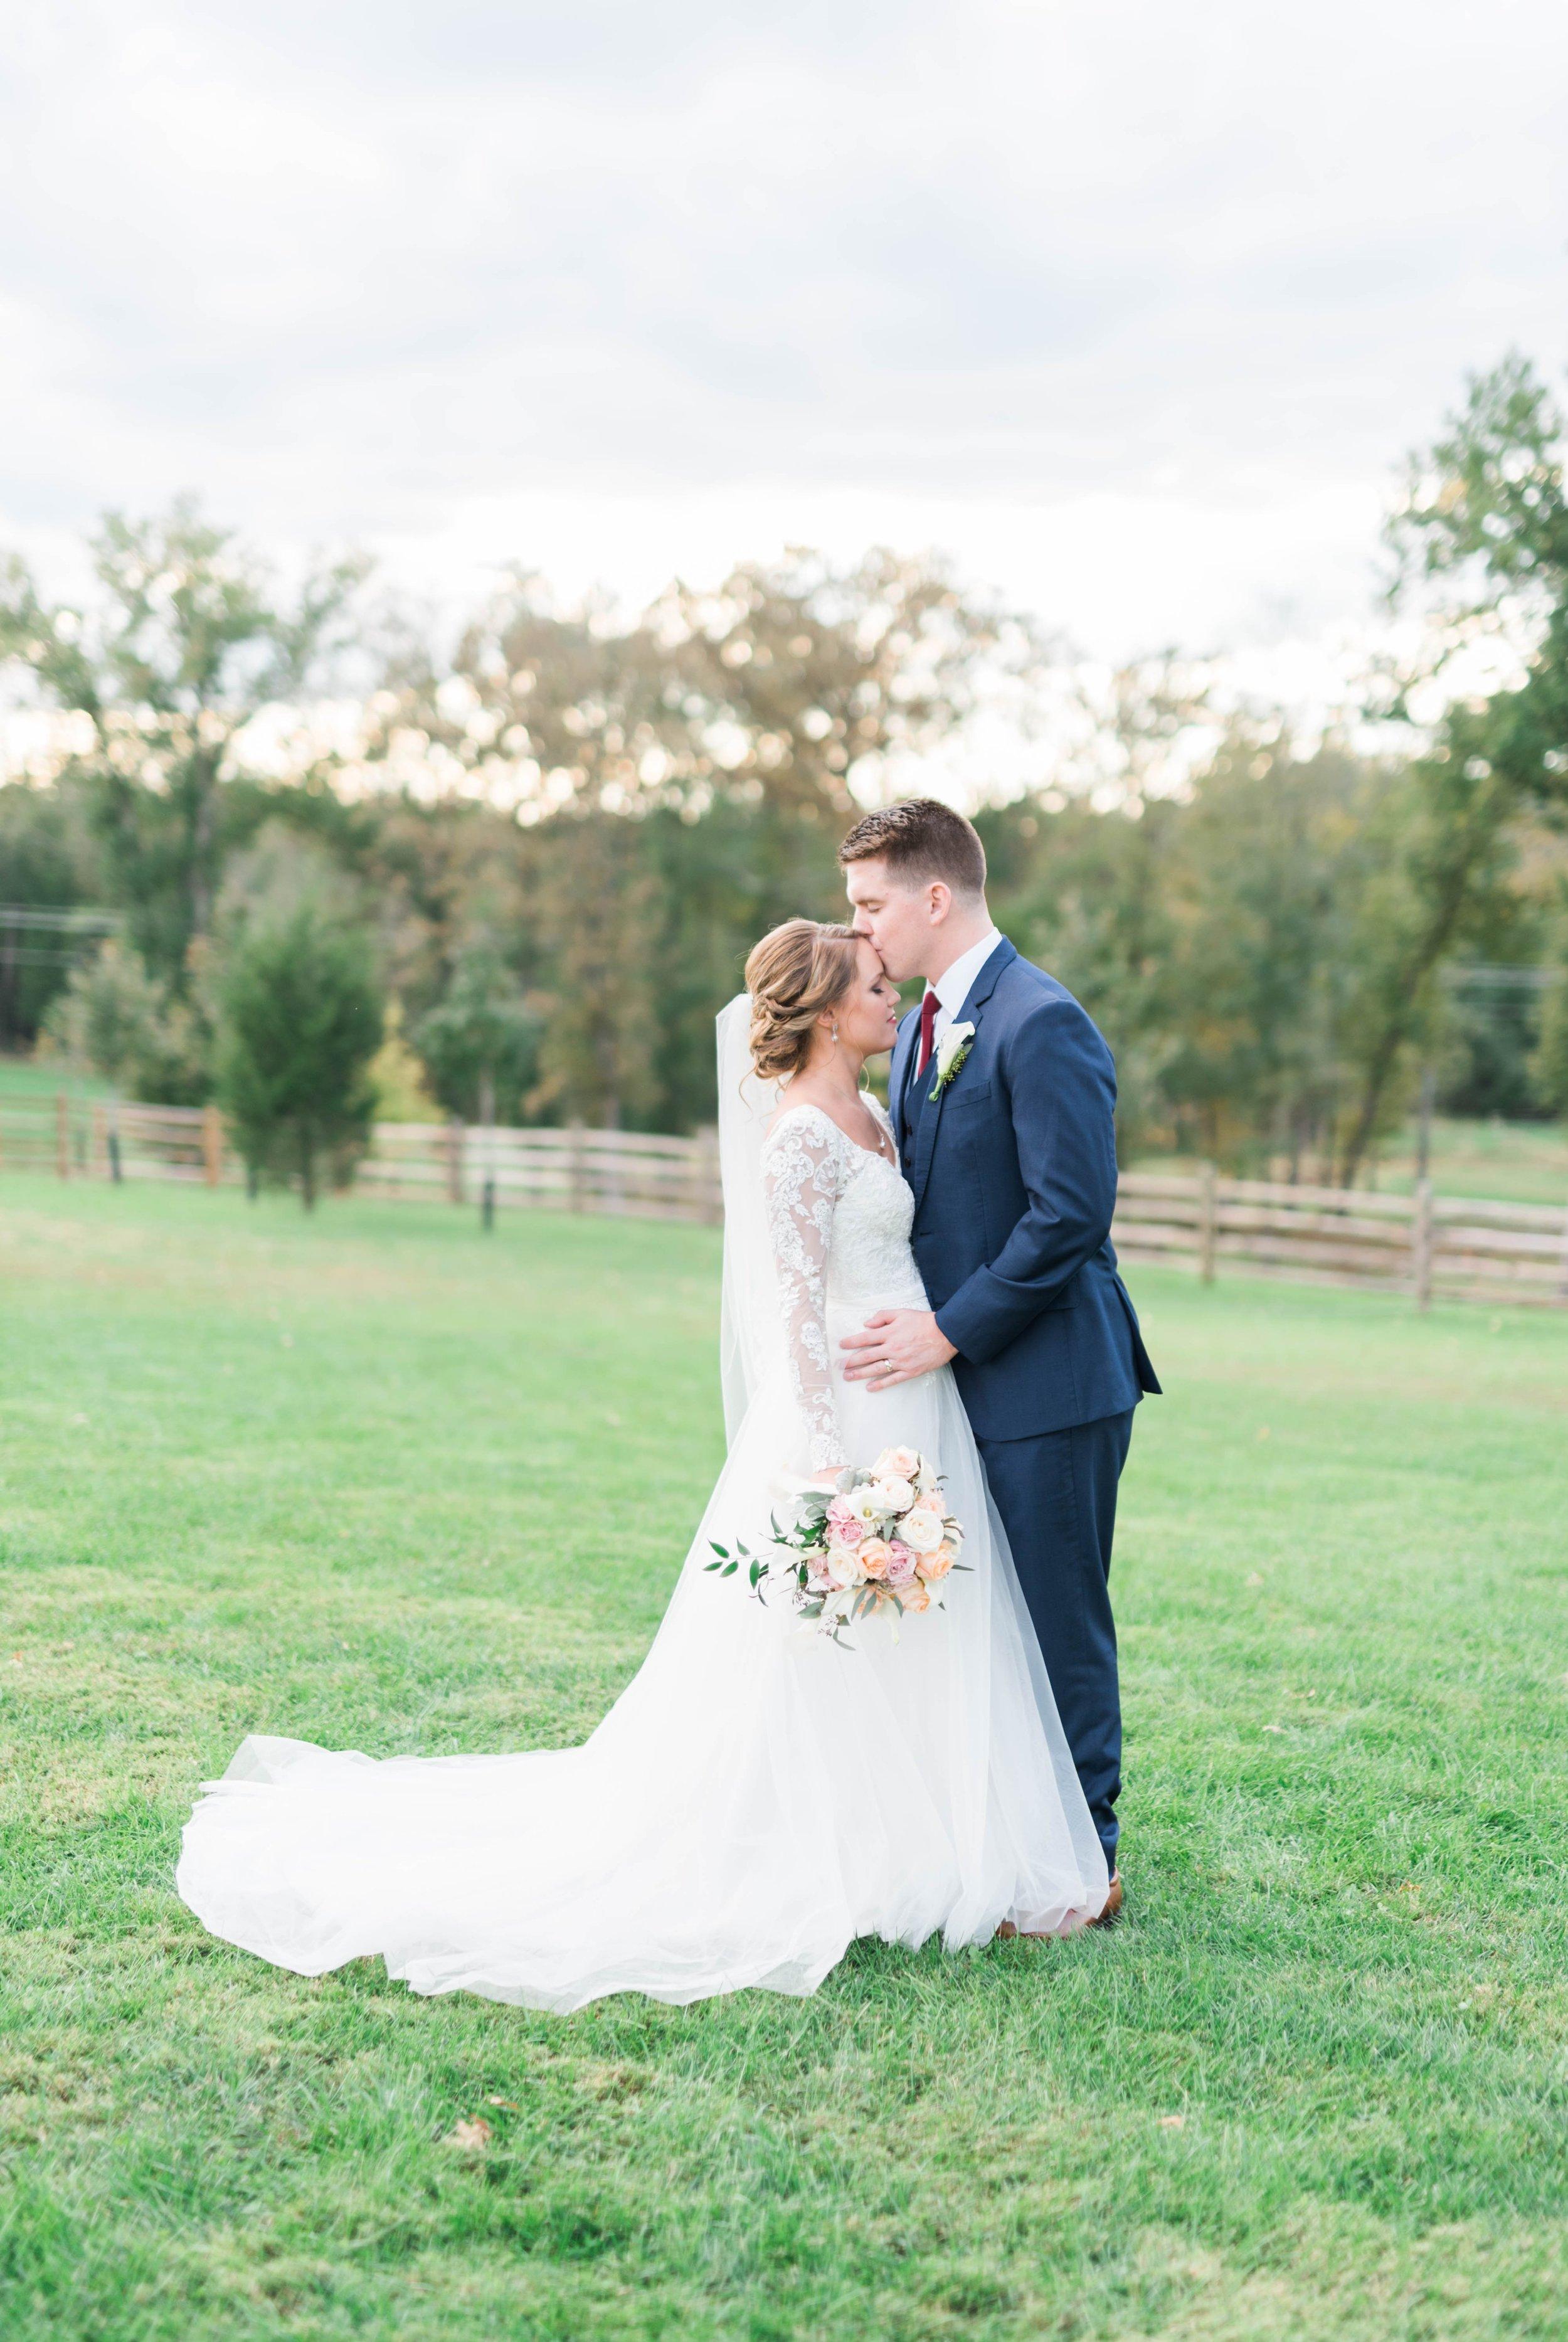 GrantElizabeth_wineryatbullrun_DCwedding_Virginiaweddingphotographer 10.jpg